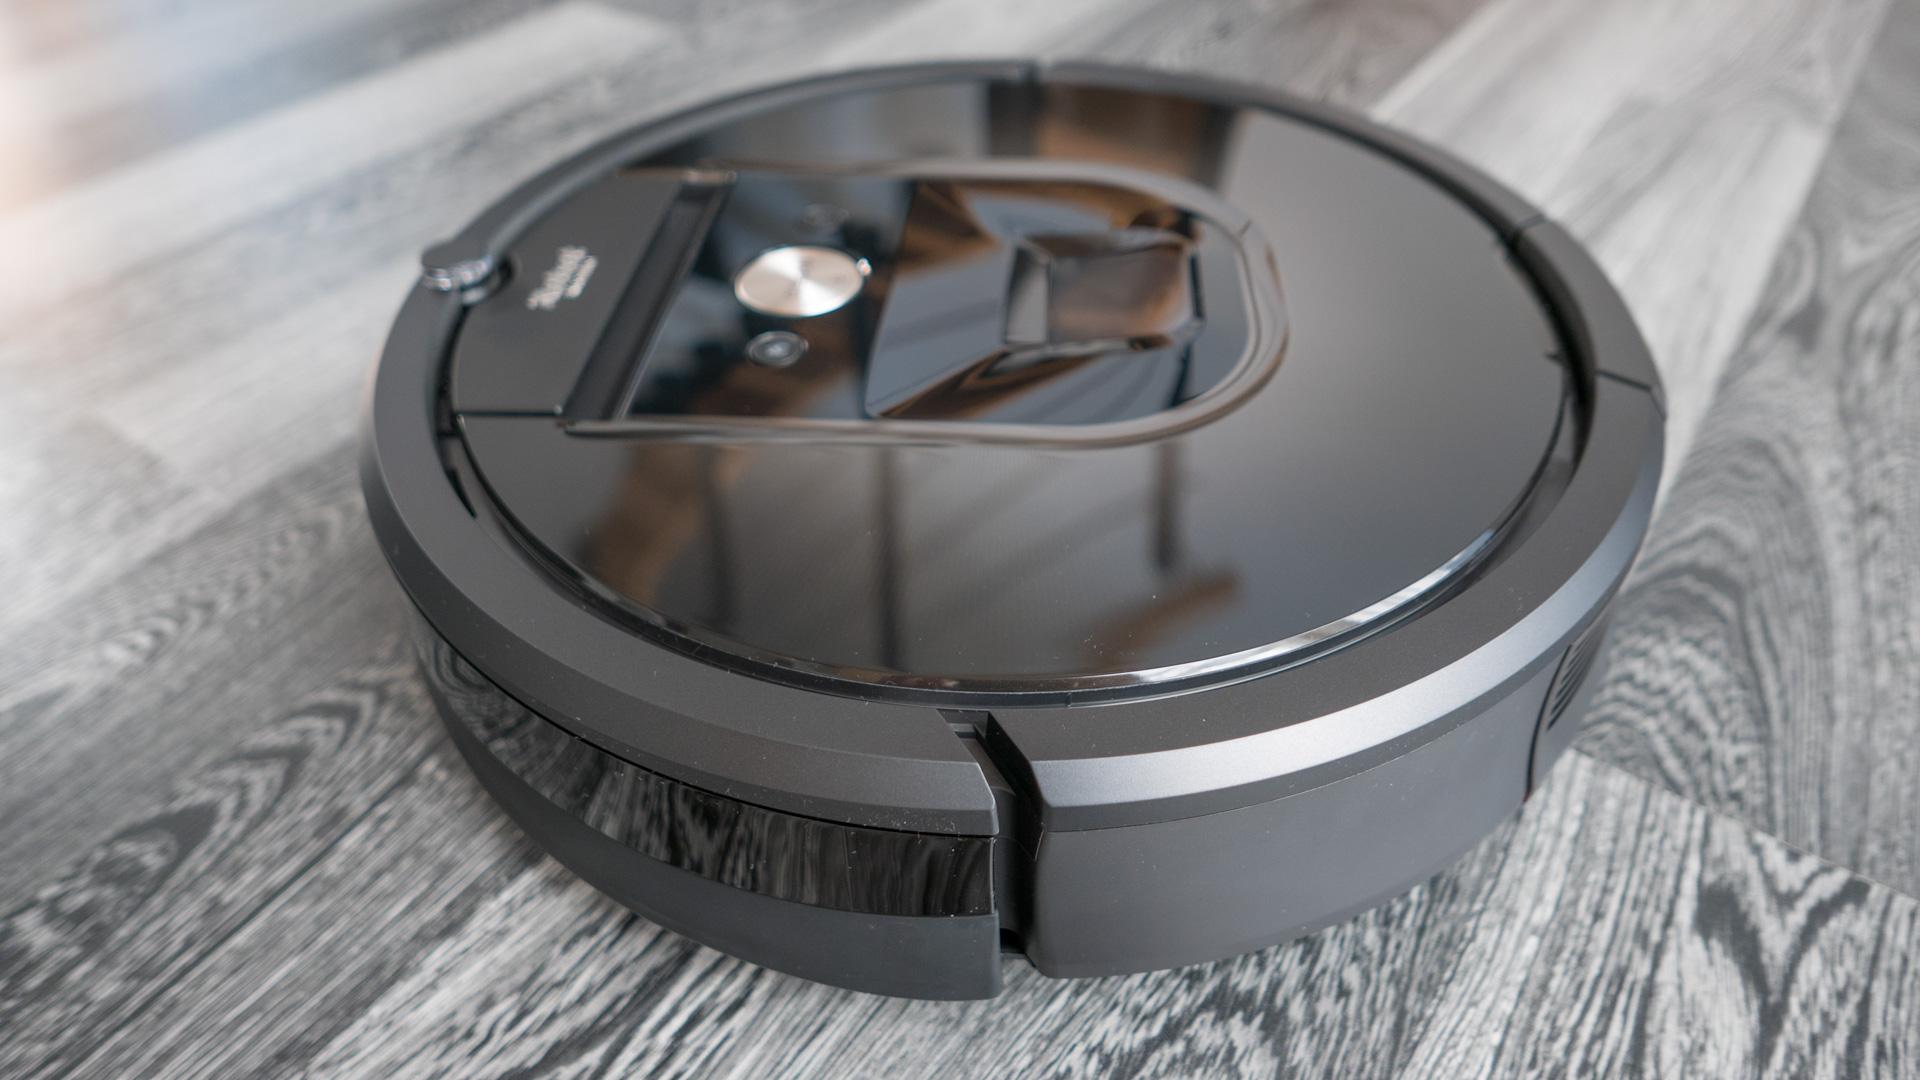 iRobot Roomba 980 Details 14